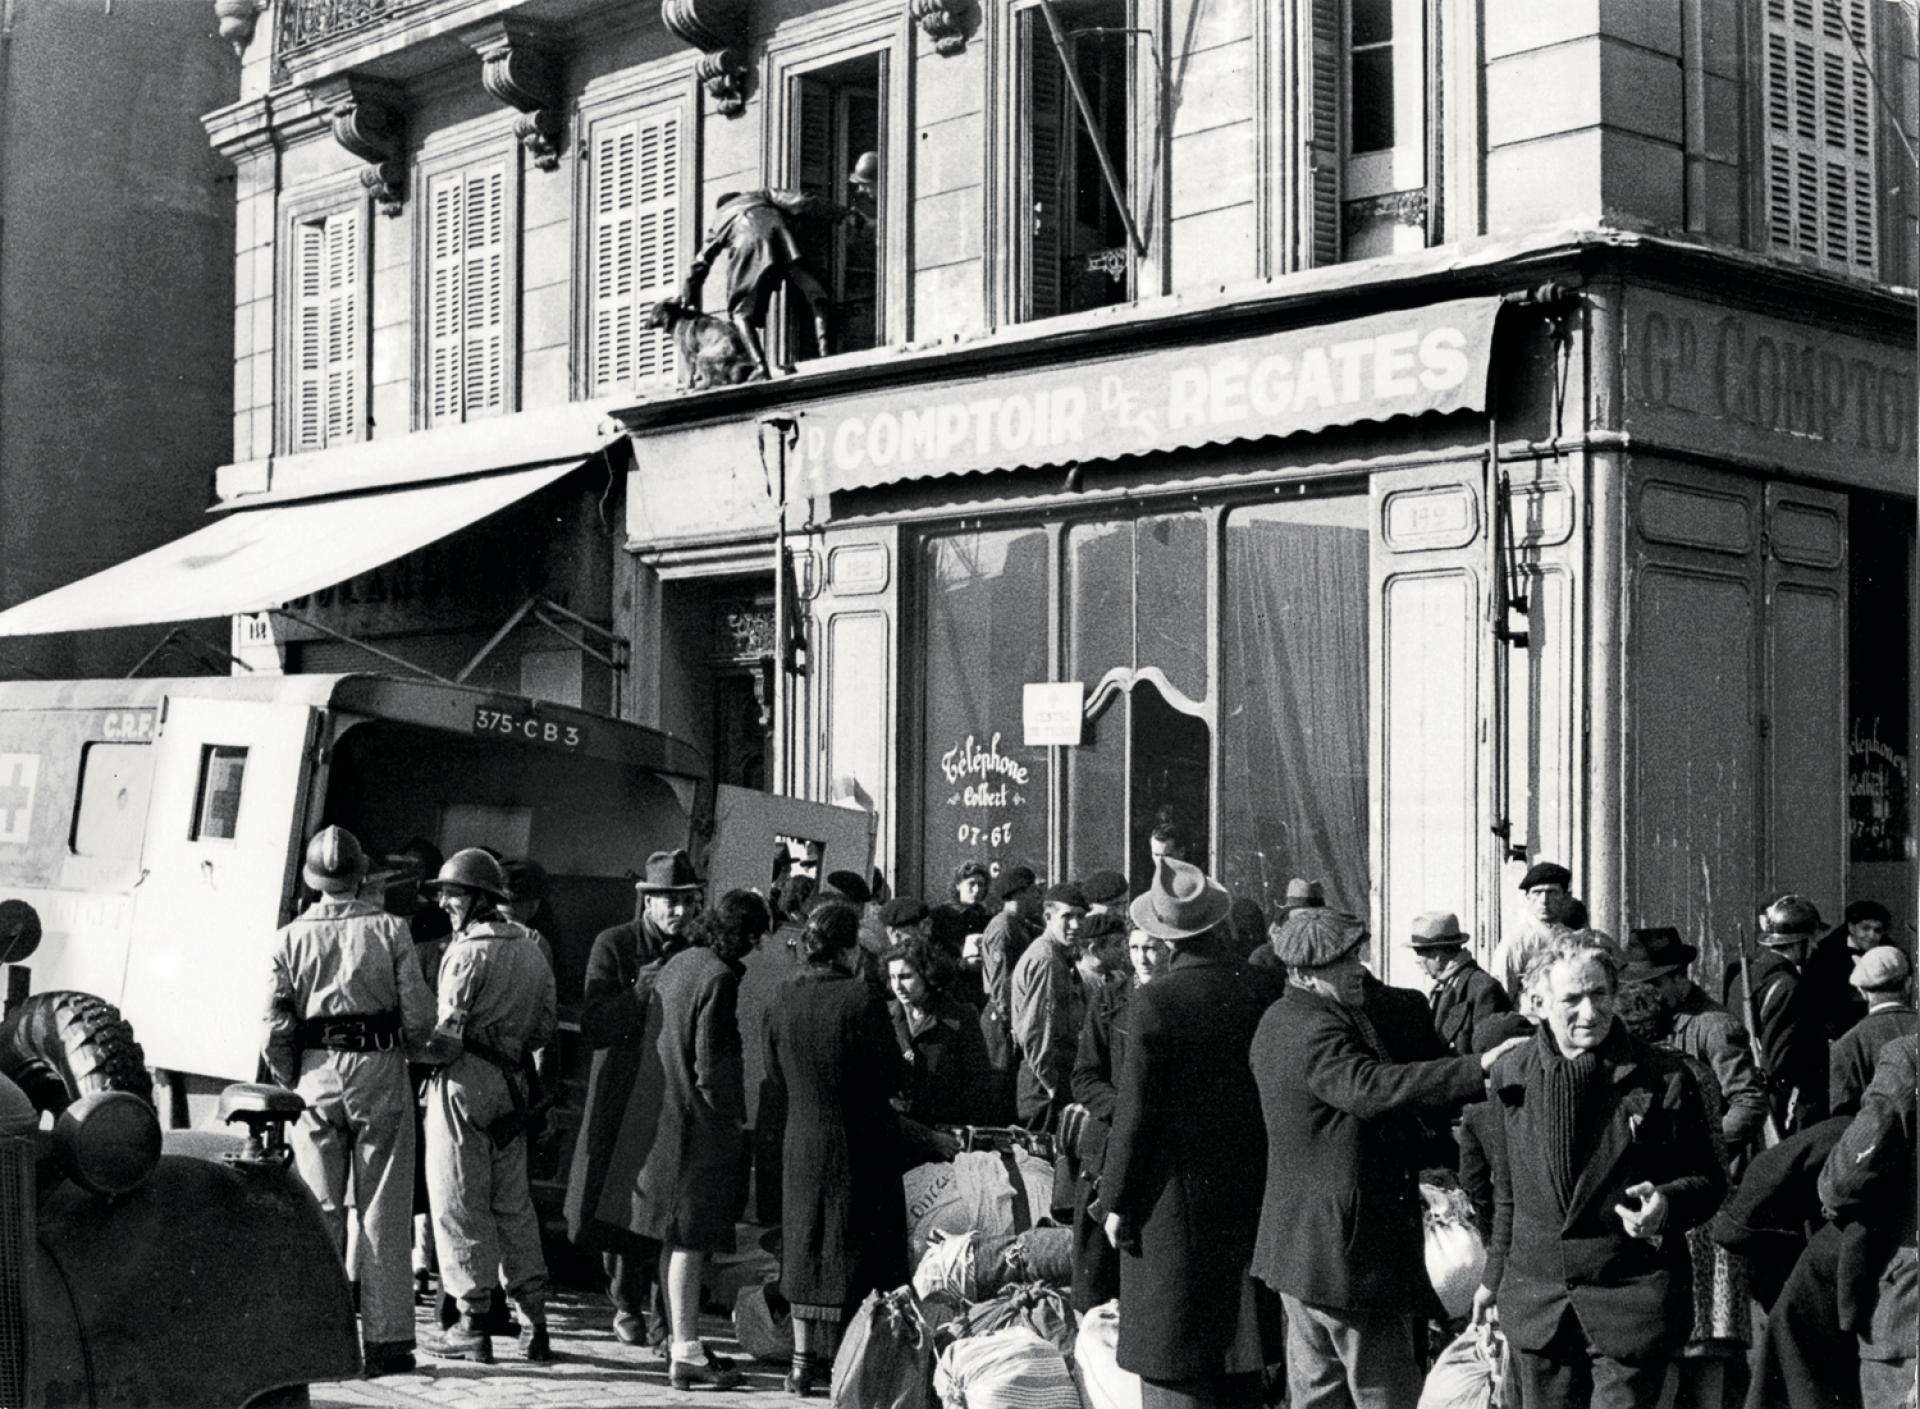 Lors de la deuxième rafle du quartier du Vieux-Port de Marseille, le 24 janvier 1943.